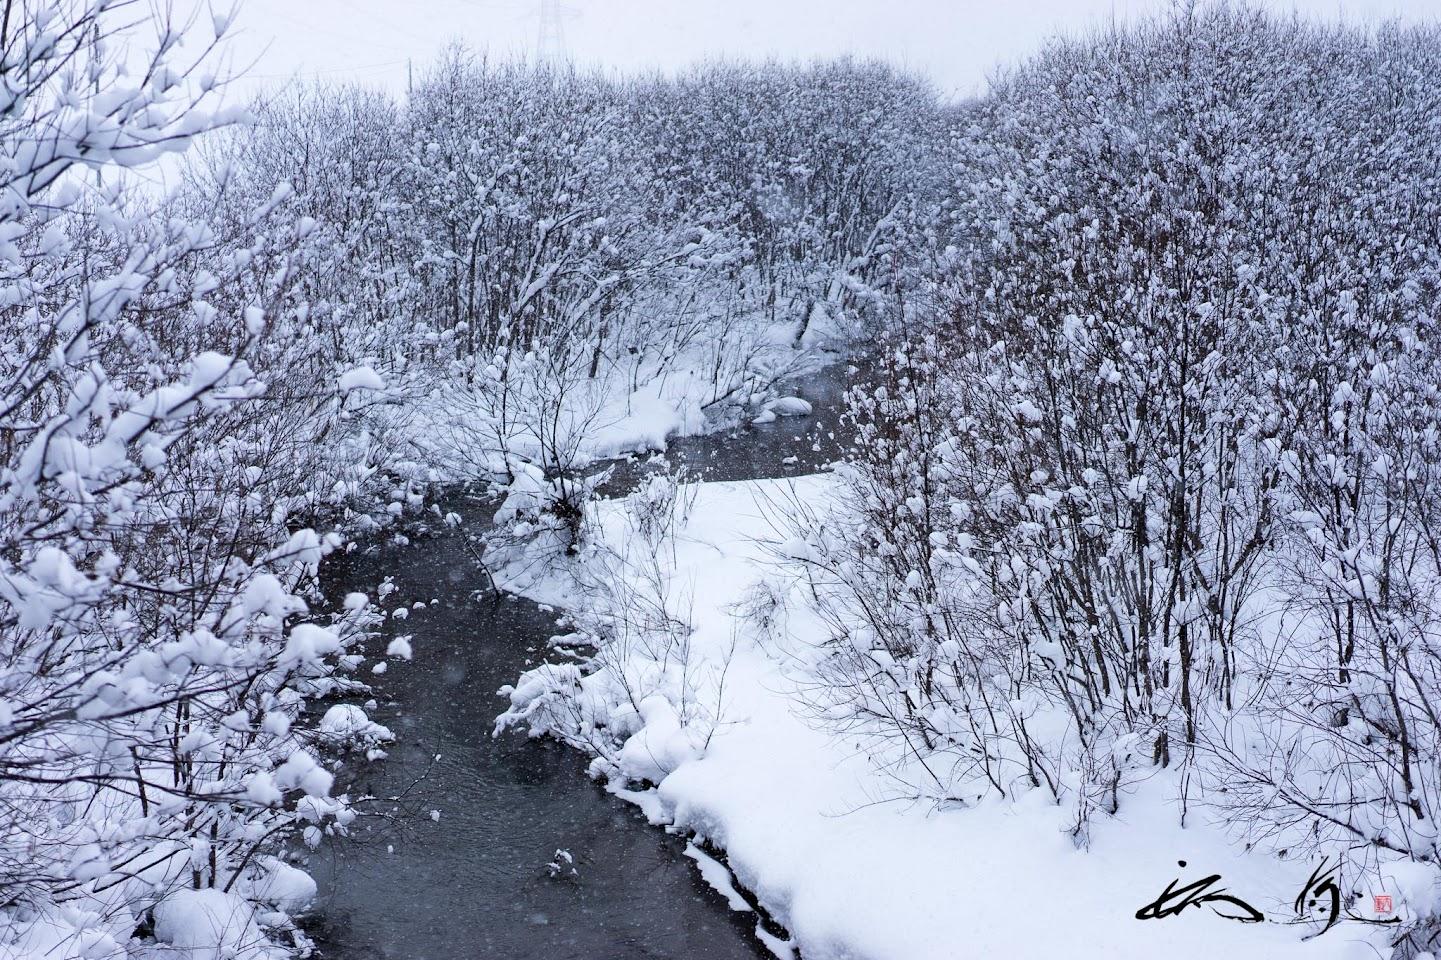 川辺の樹木@北竜町碧水地区